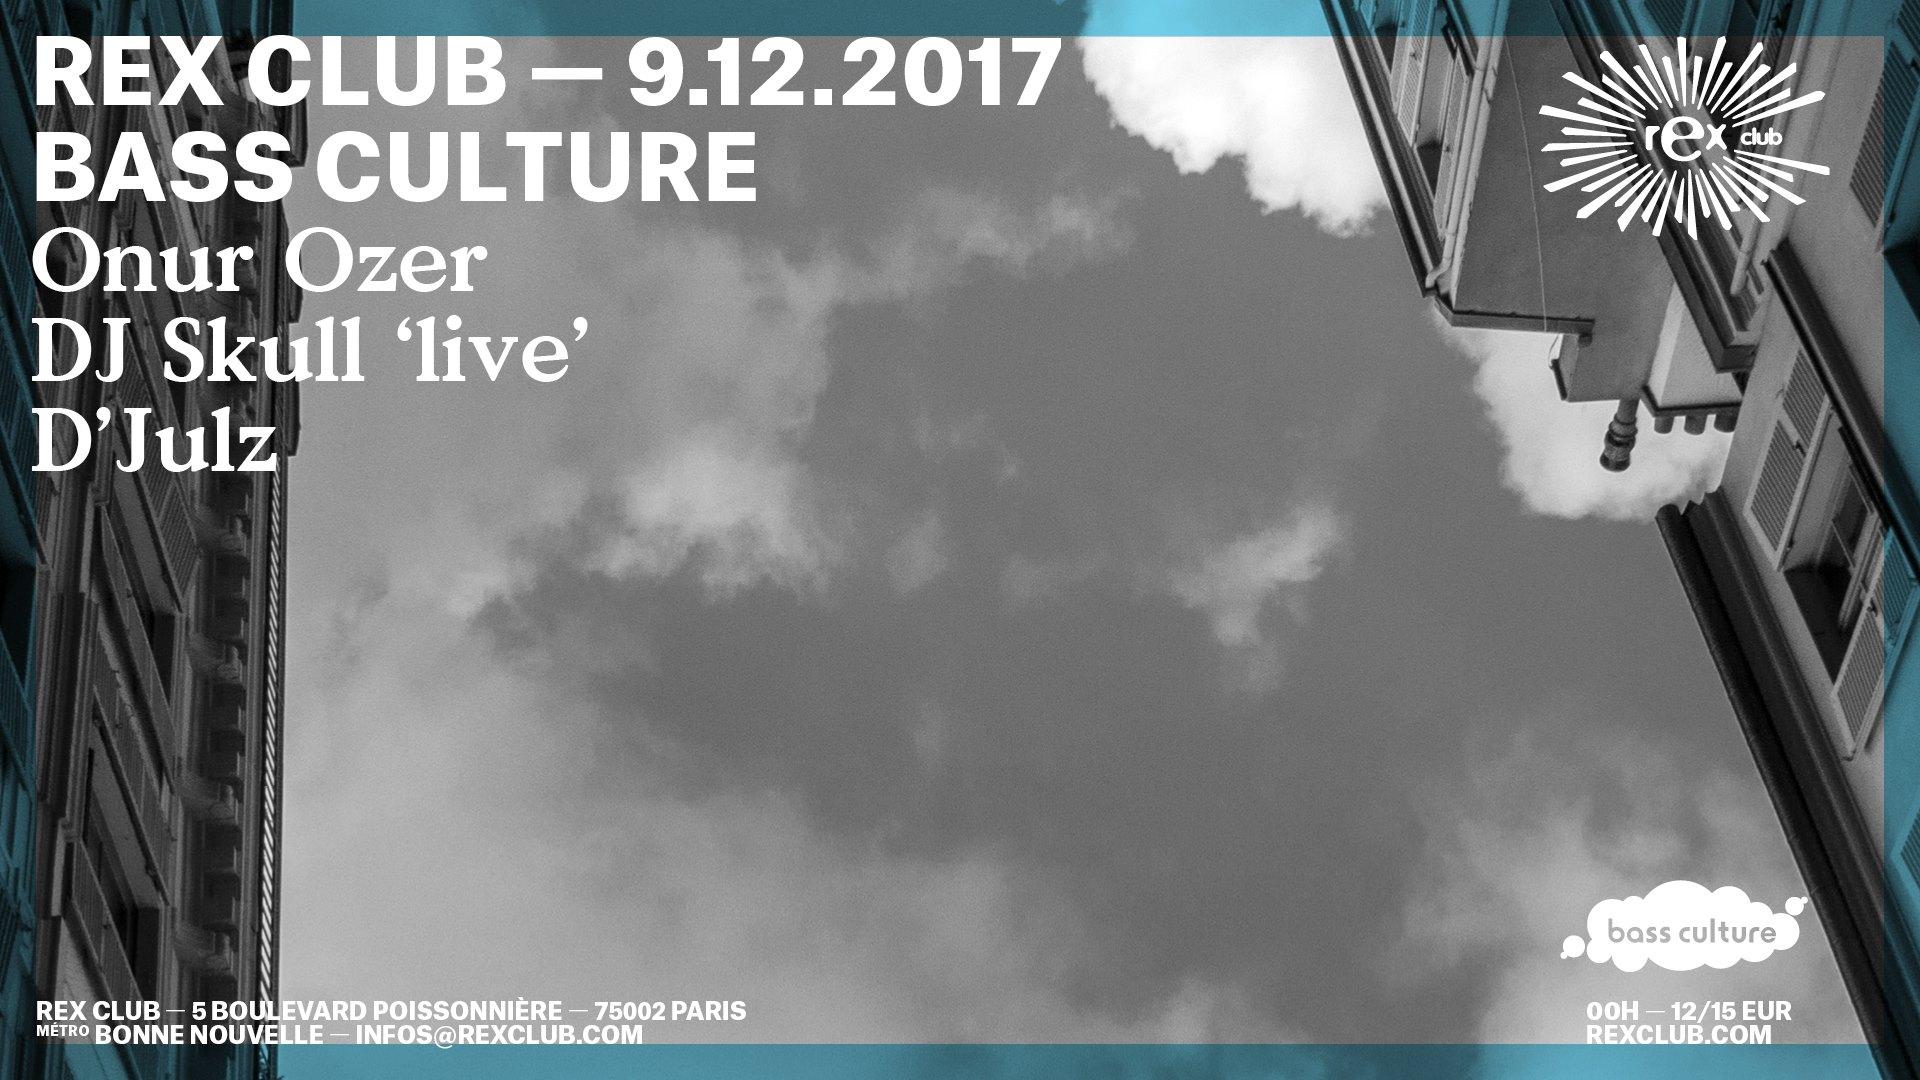 Bass Culture: Onur Ozer, DJ Skull Live, D'Julz